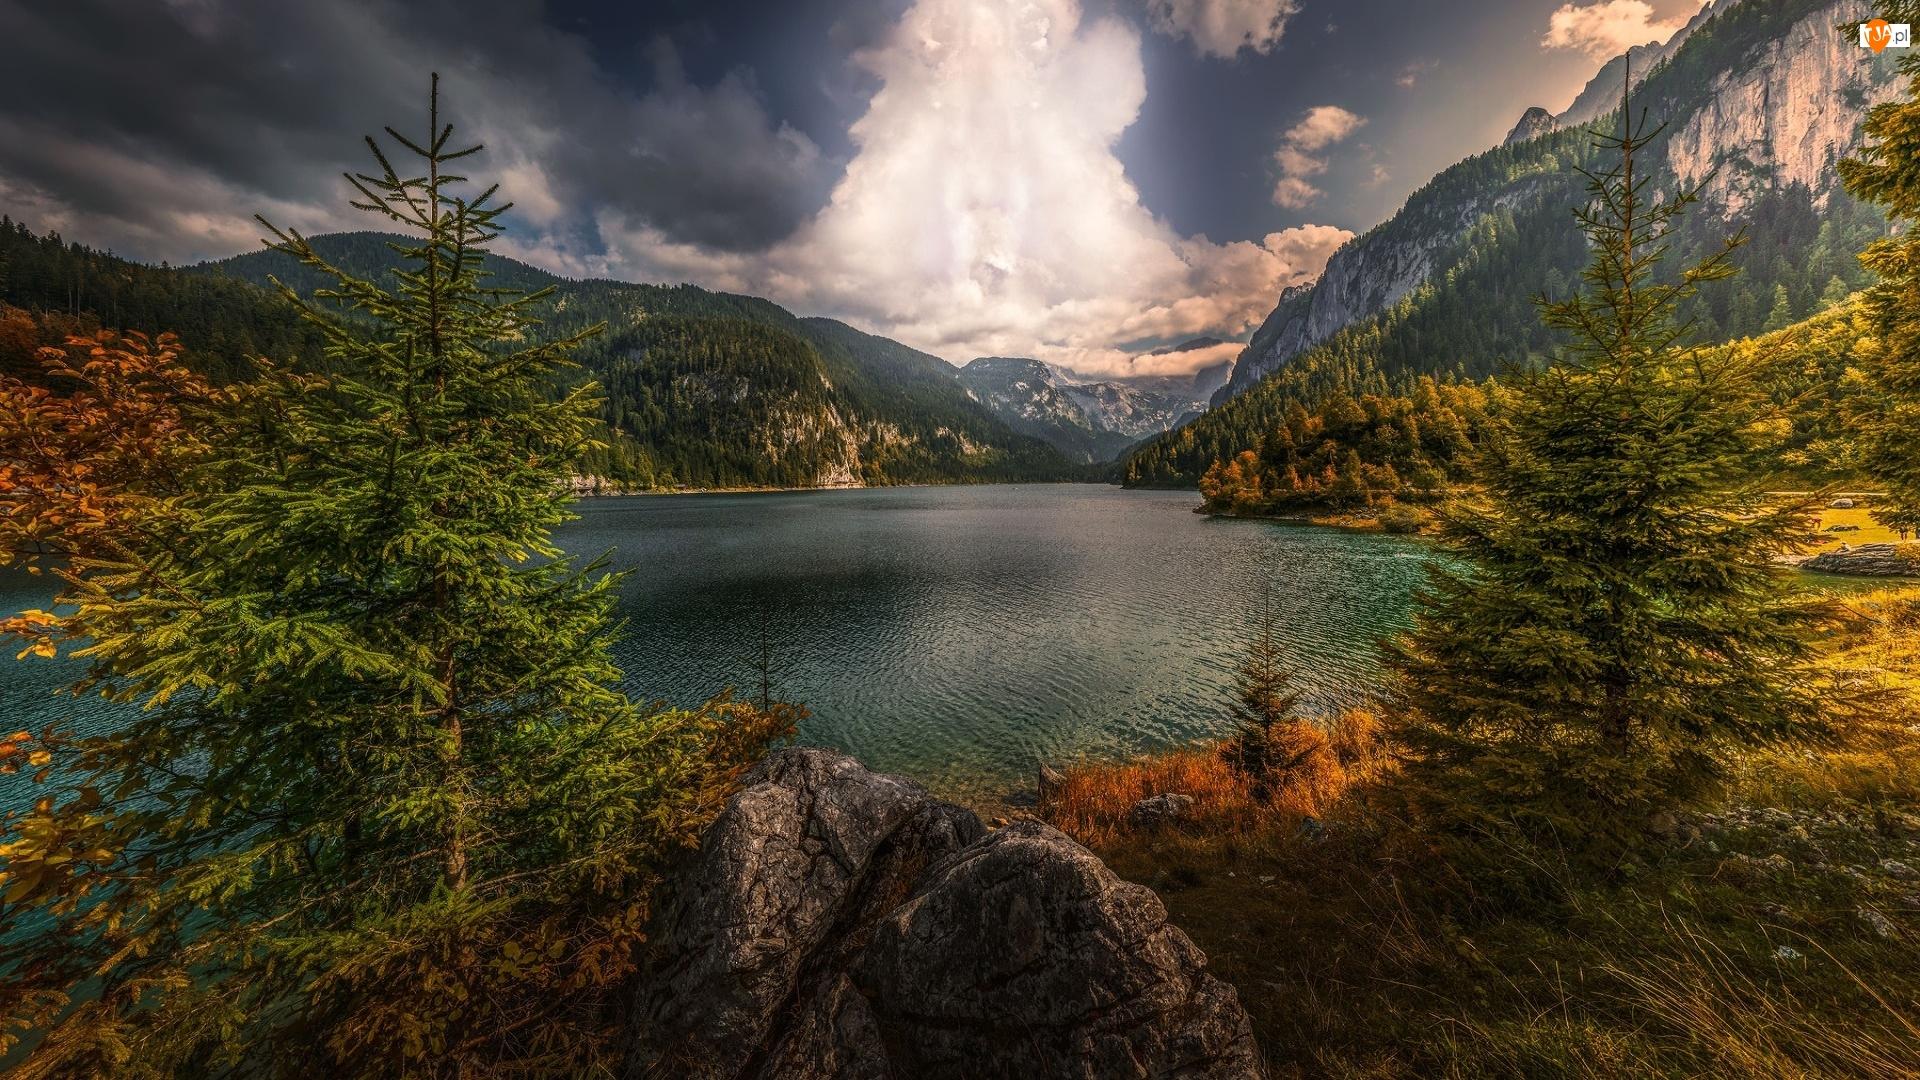 Austria, Skały, Gmina Gosau, Jezioro Gosauseen, Alpy Salzburskie, Drzewa, Świerki, Góry, Chmury